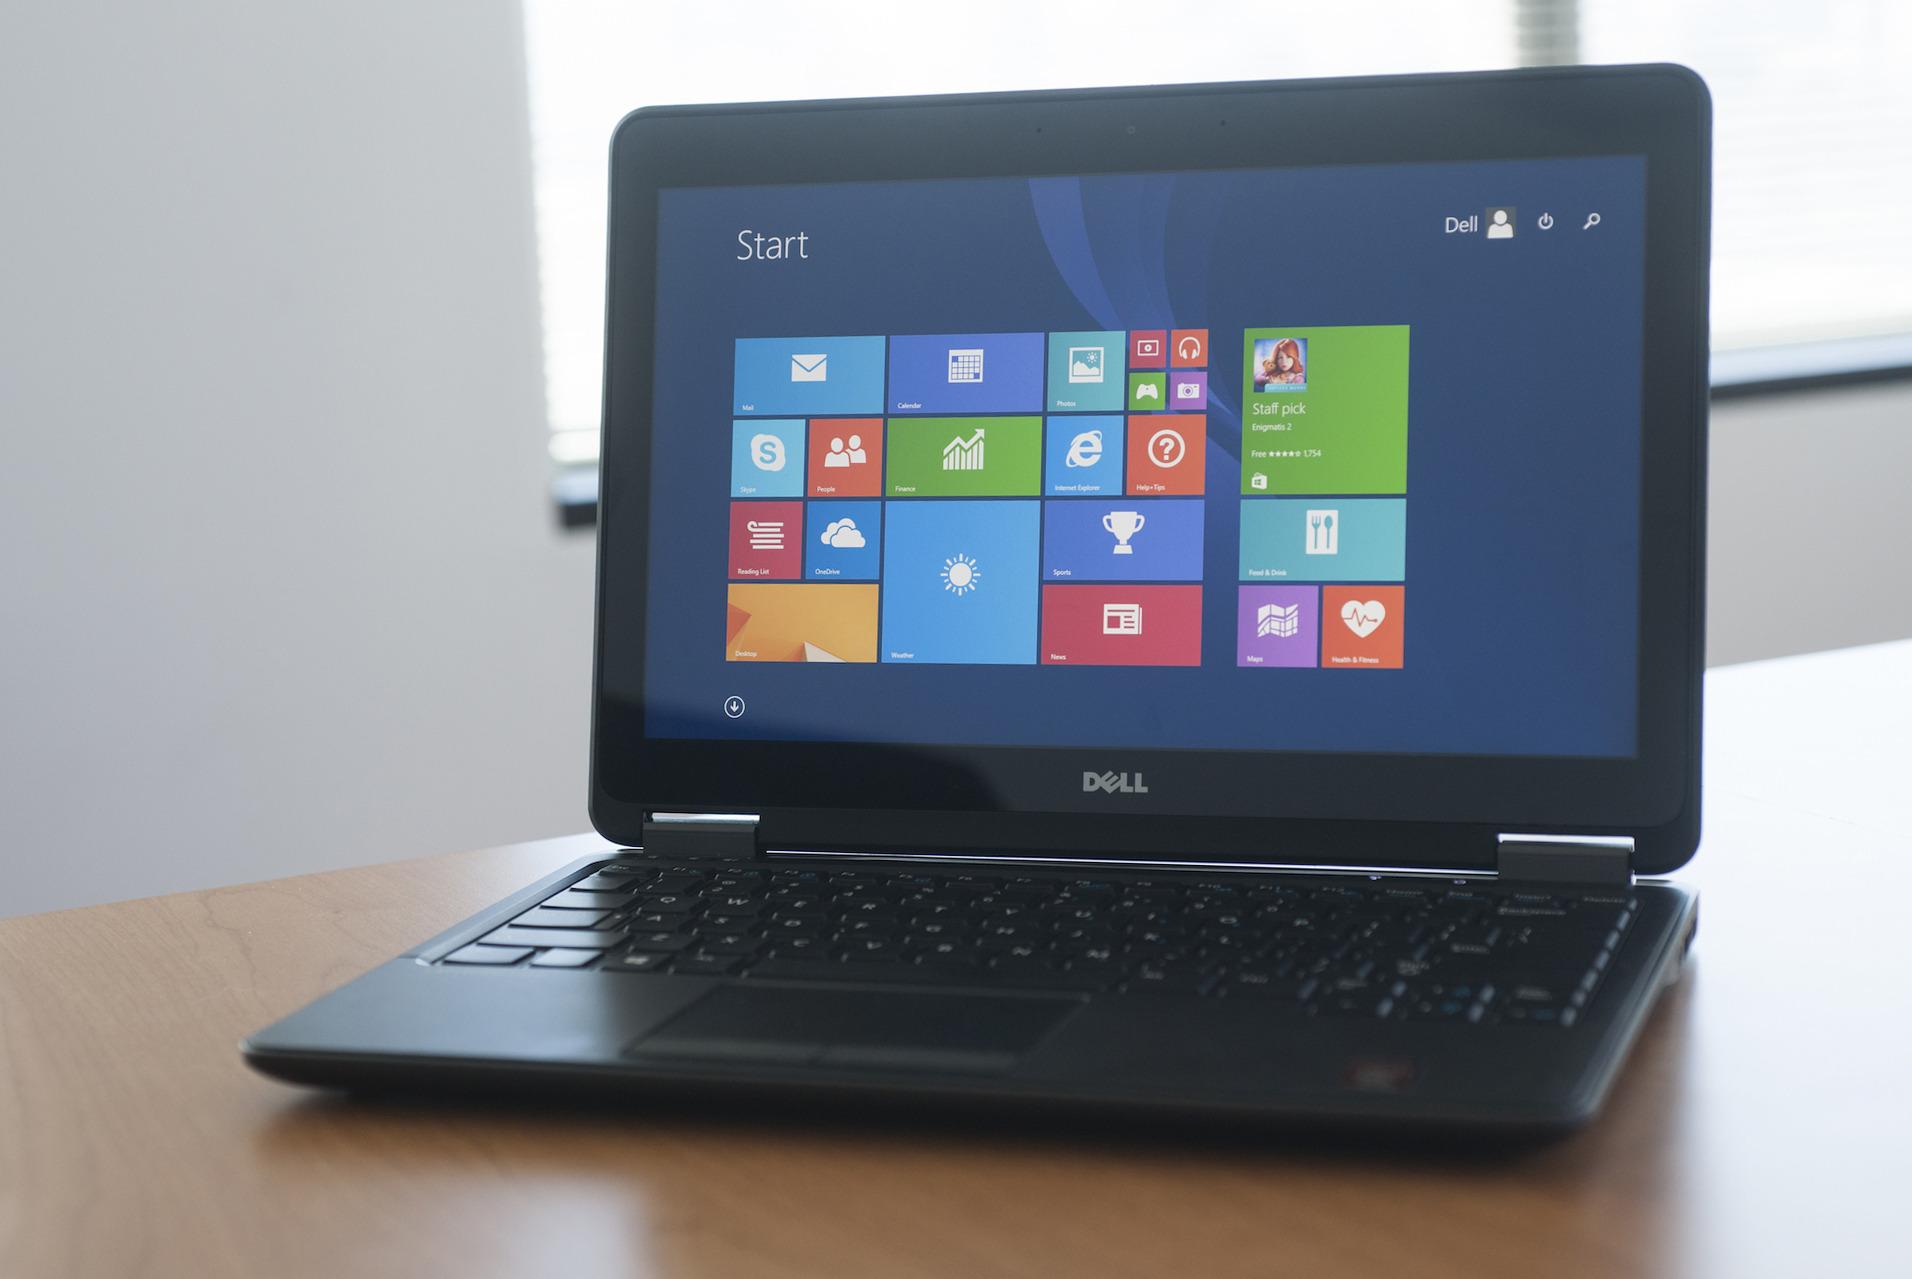 Giới thiệu về Laptop Dell Latitude E7240